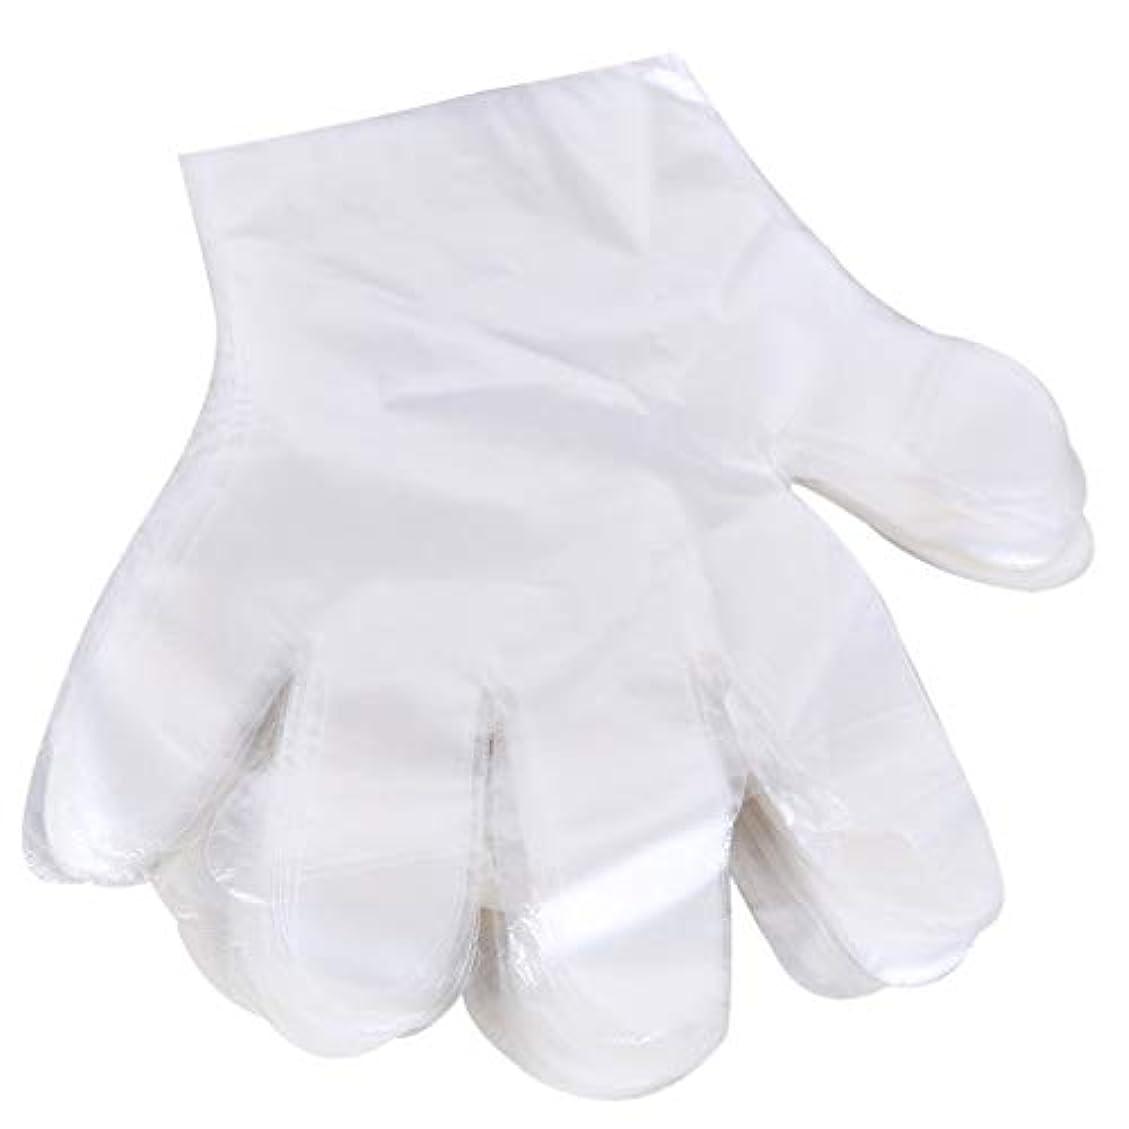 歯科医企業思いやりのある1000 使い捨て手袋、ケータリングヘアマスク食品ロブスター厚い透明プラスチックpeフィルム手袋透明カバー YANW